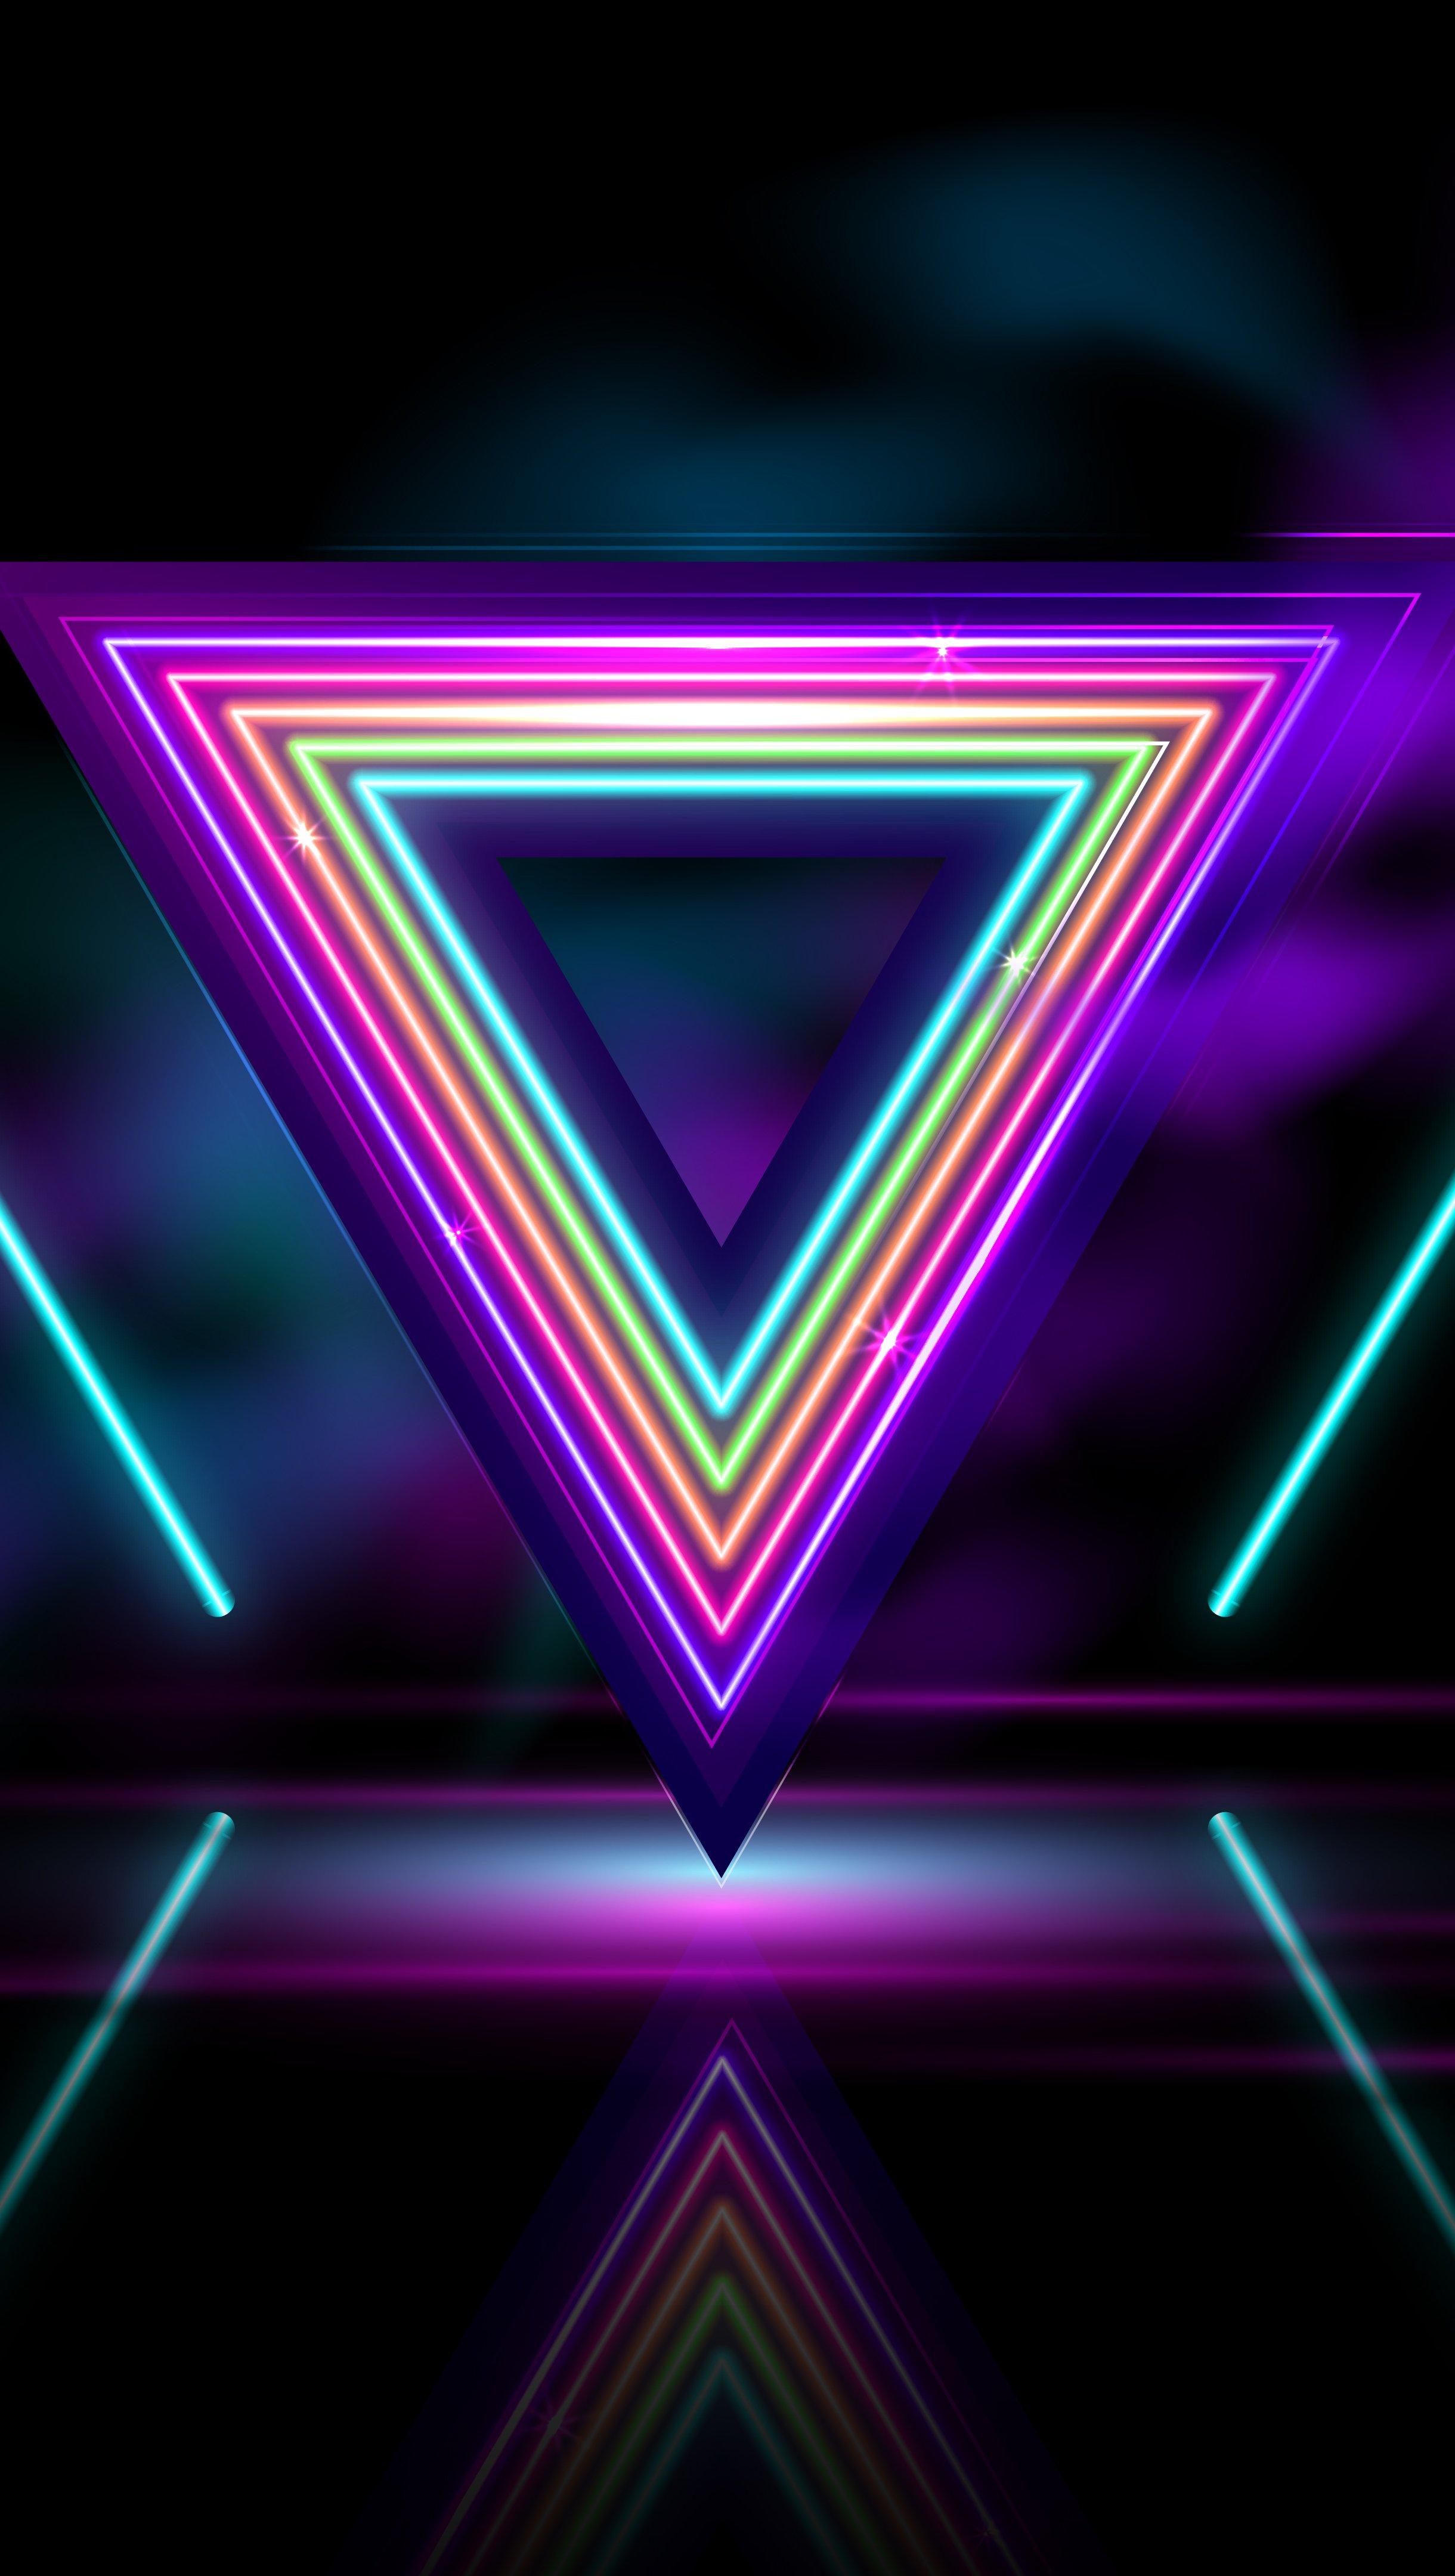 Fondos de pantalla Triangulo Neon Abstracto Vertical